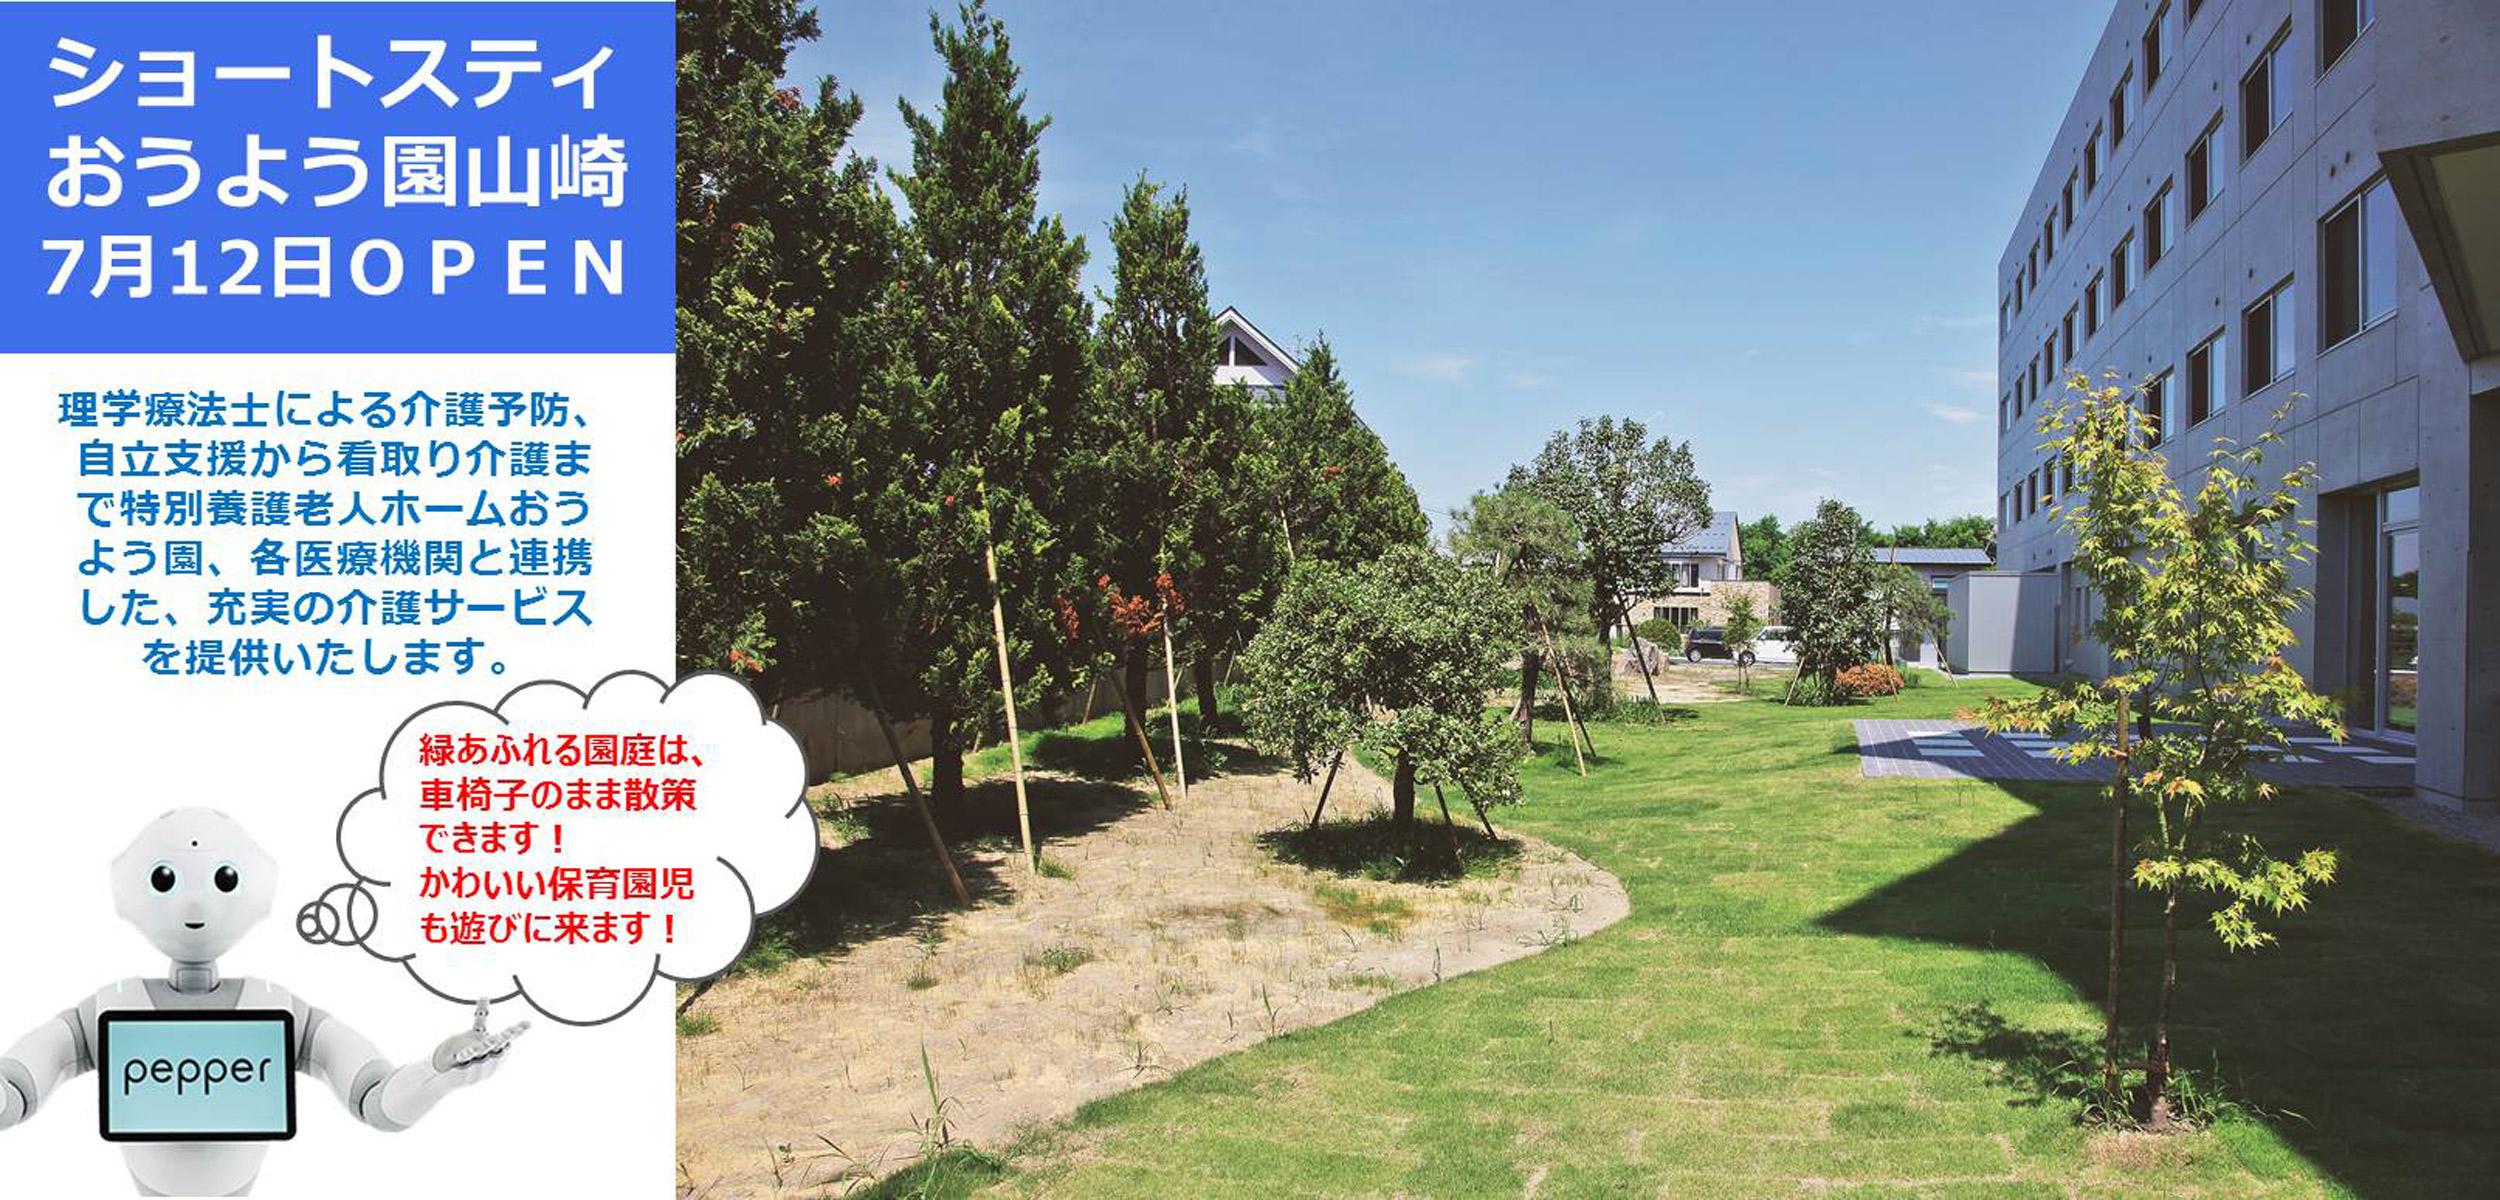 ショートスティおうよう園山崎 緑あふれる園庭